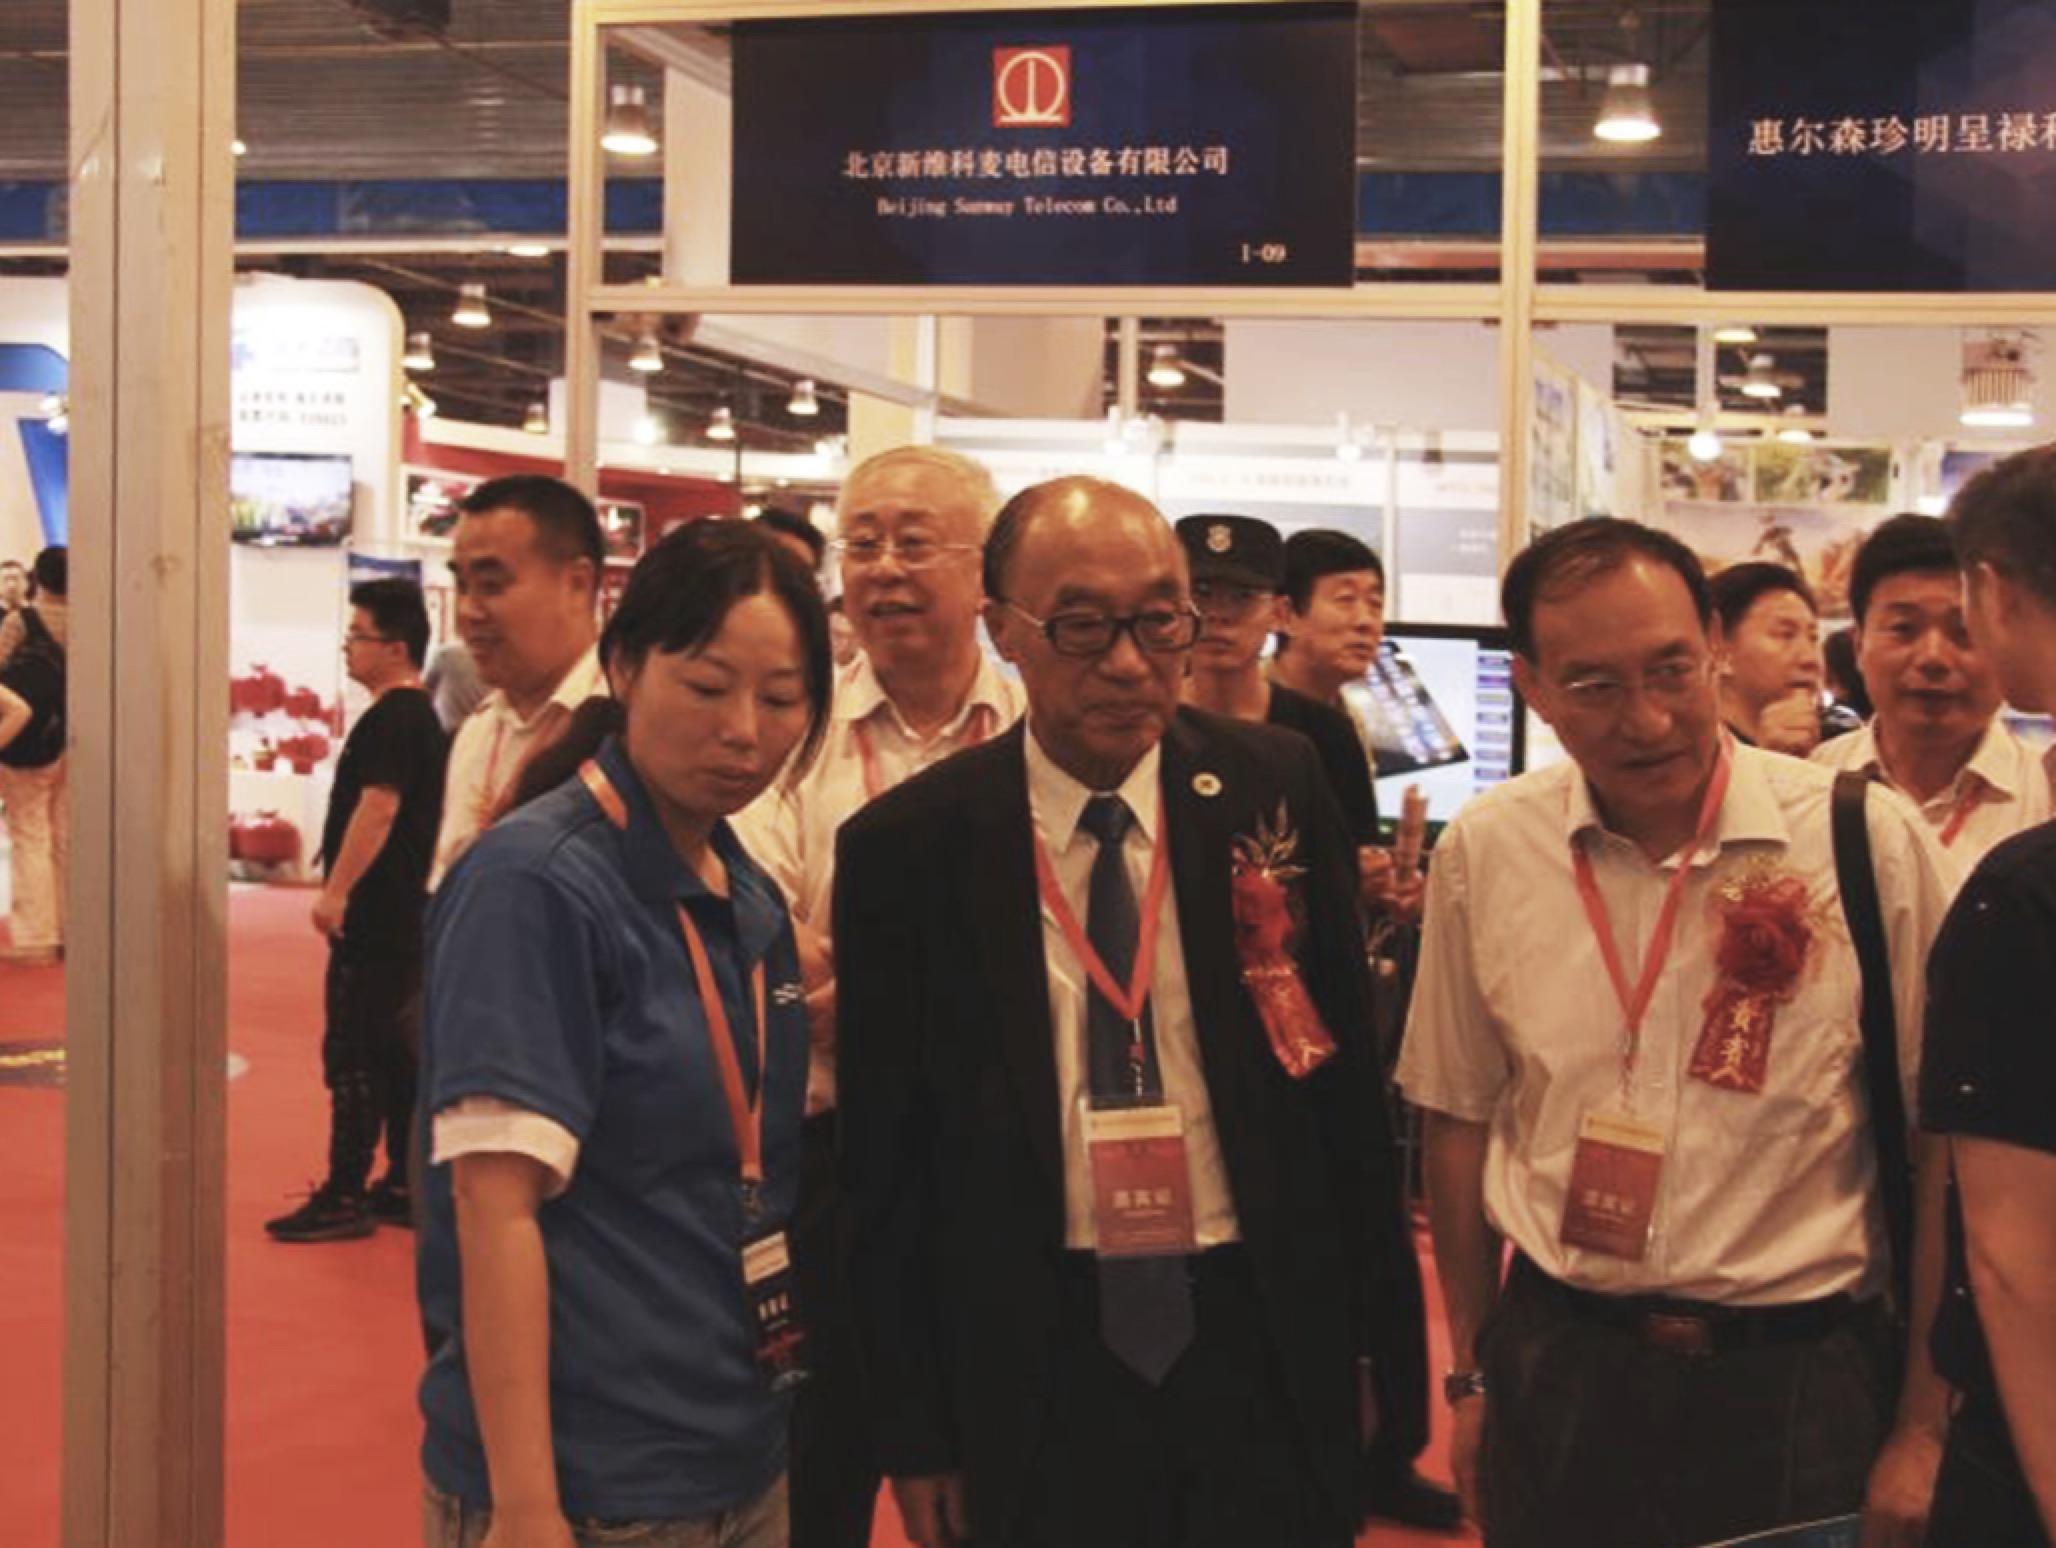 澳客彩票登陆平台科技受邀參加2019第十一屆北京國際防災減災應急産業博覽會